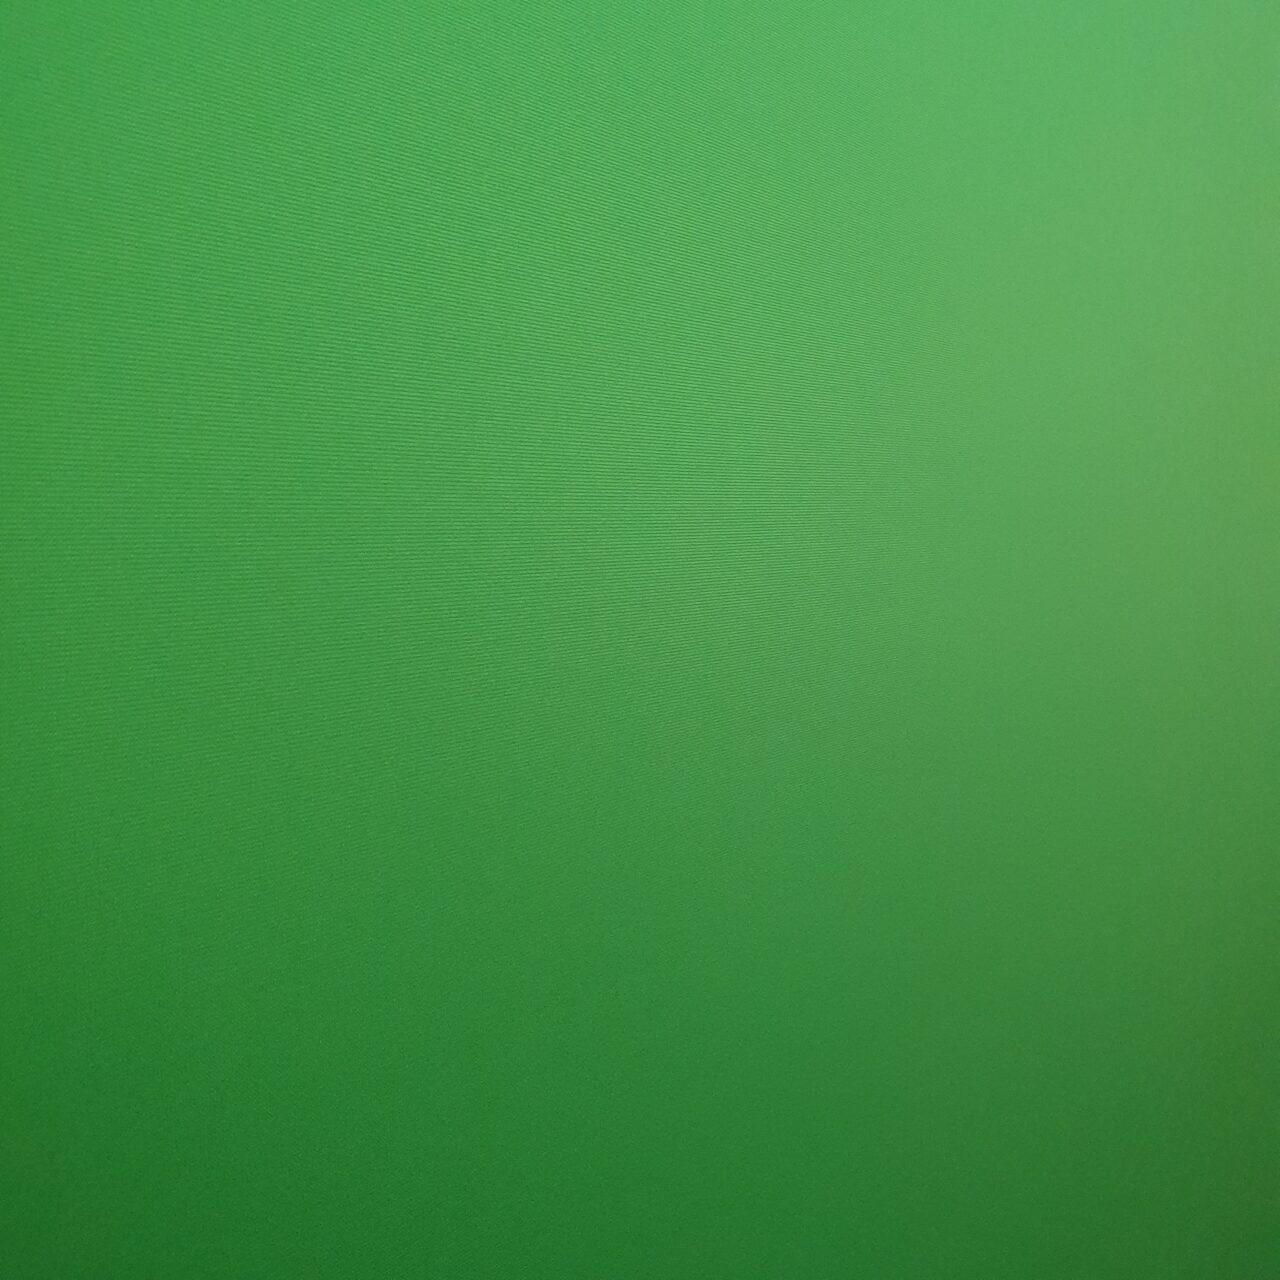 Greenscreen für virtuelle Events